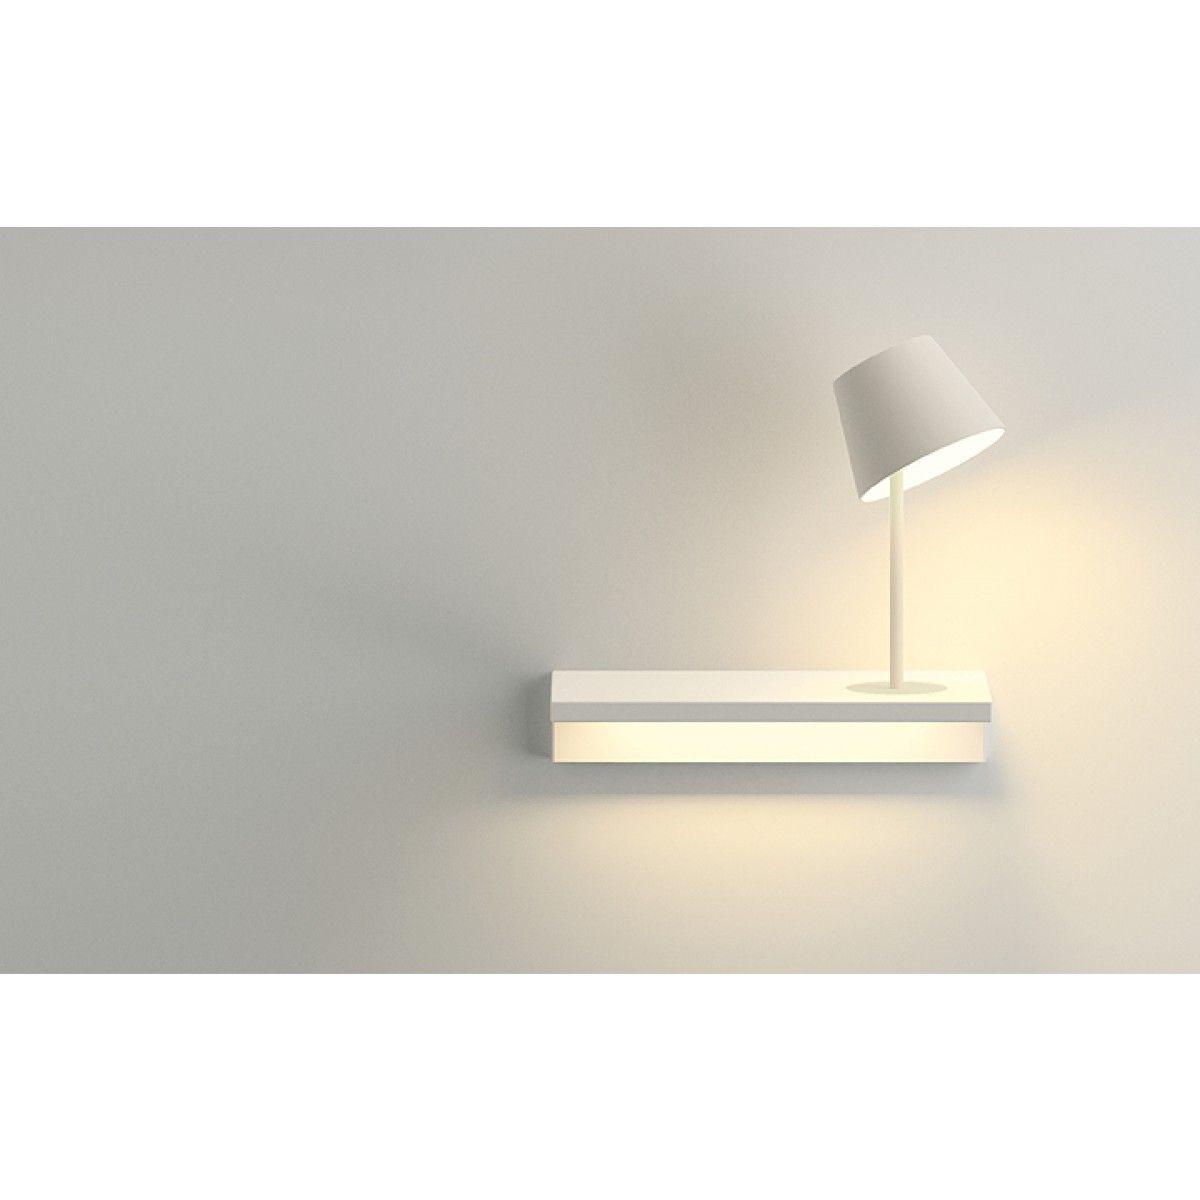 Applique Liseuse Suite 6046 By Vibia Luminaire Chambre Luminaire Lampe Murale